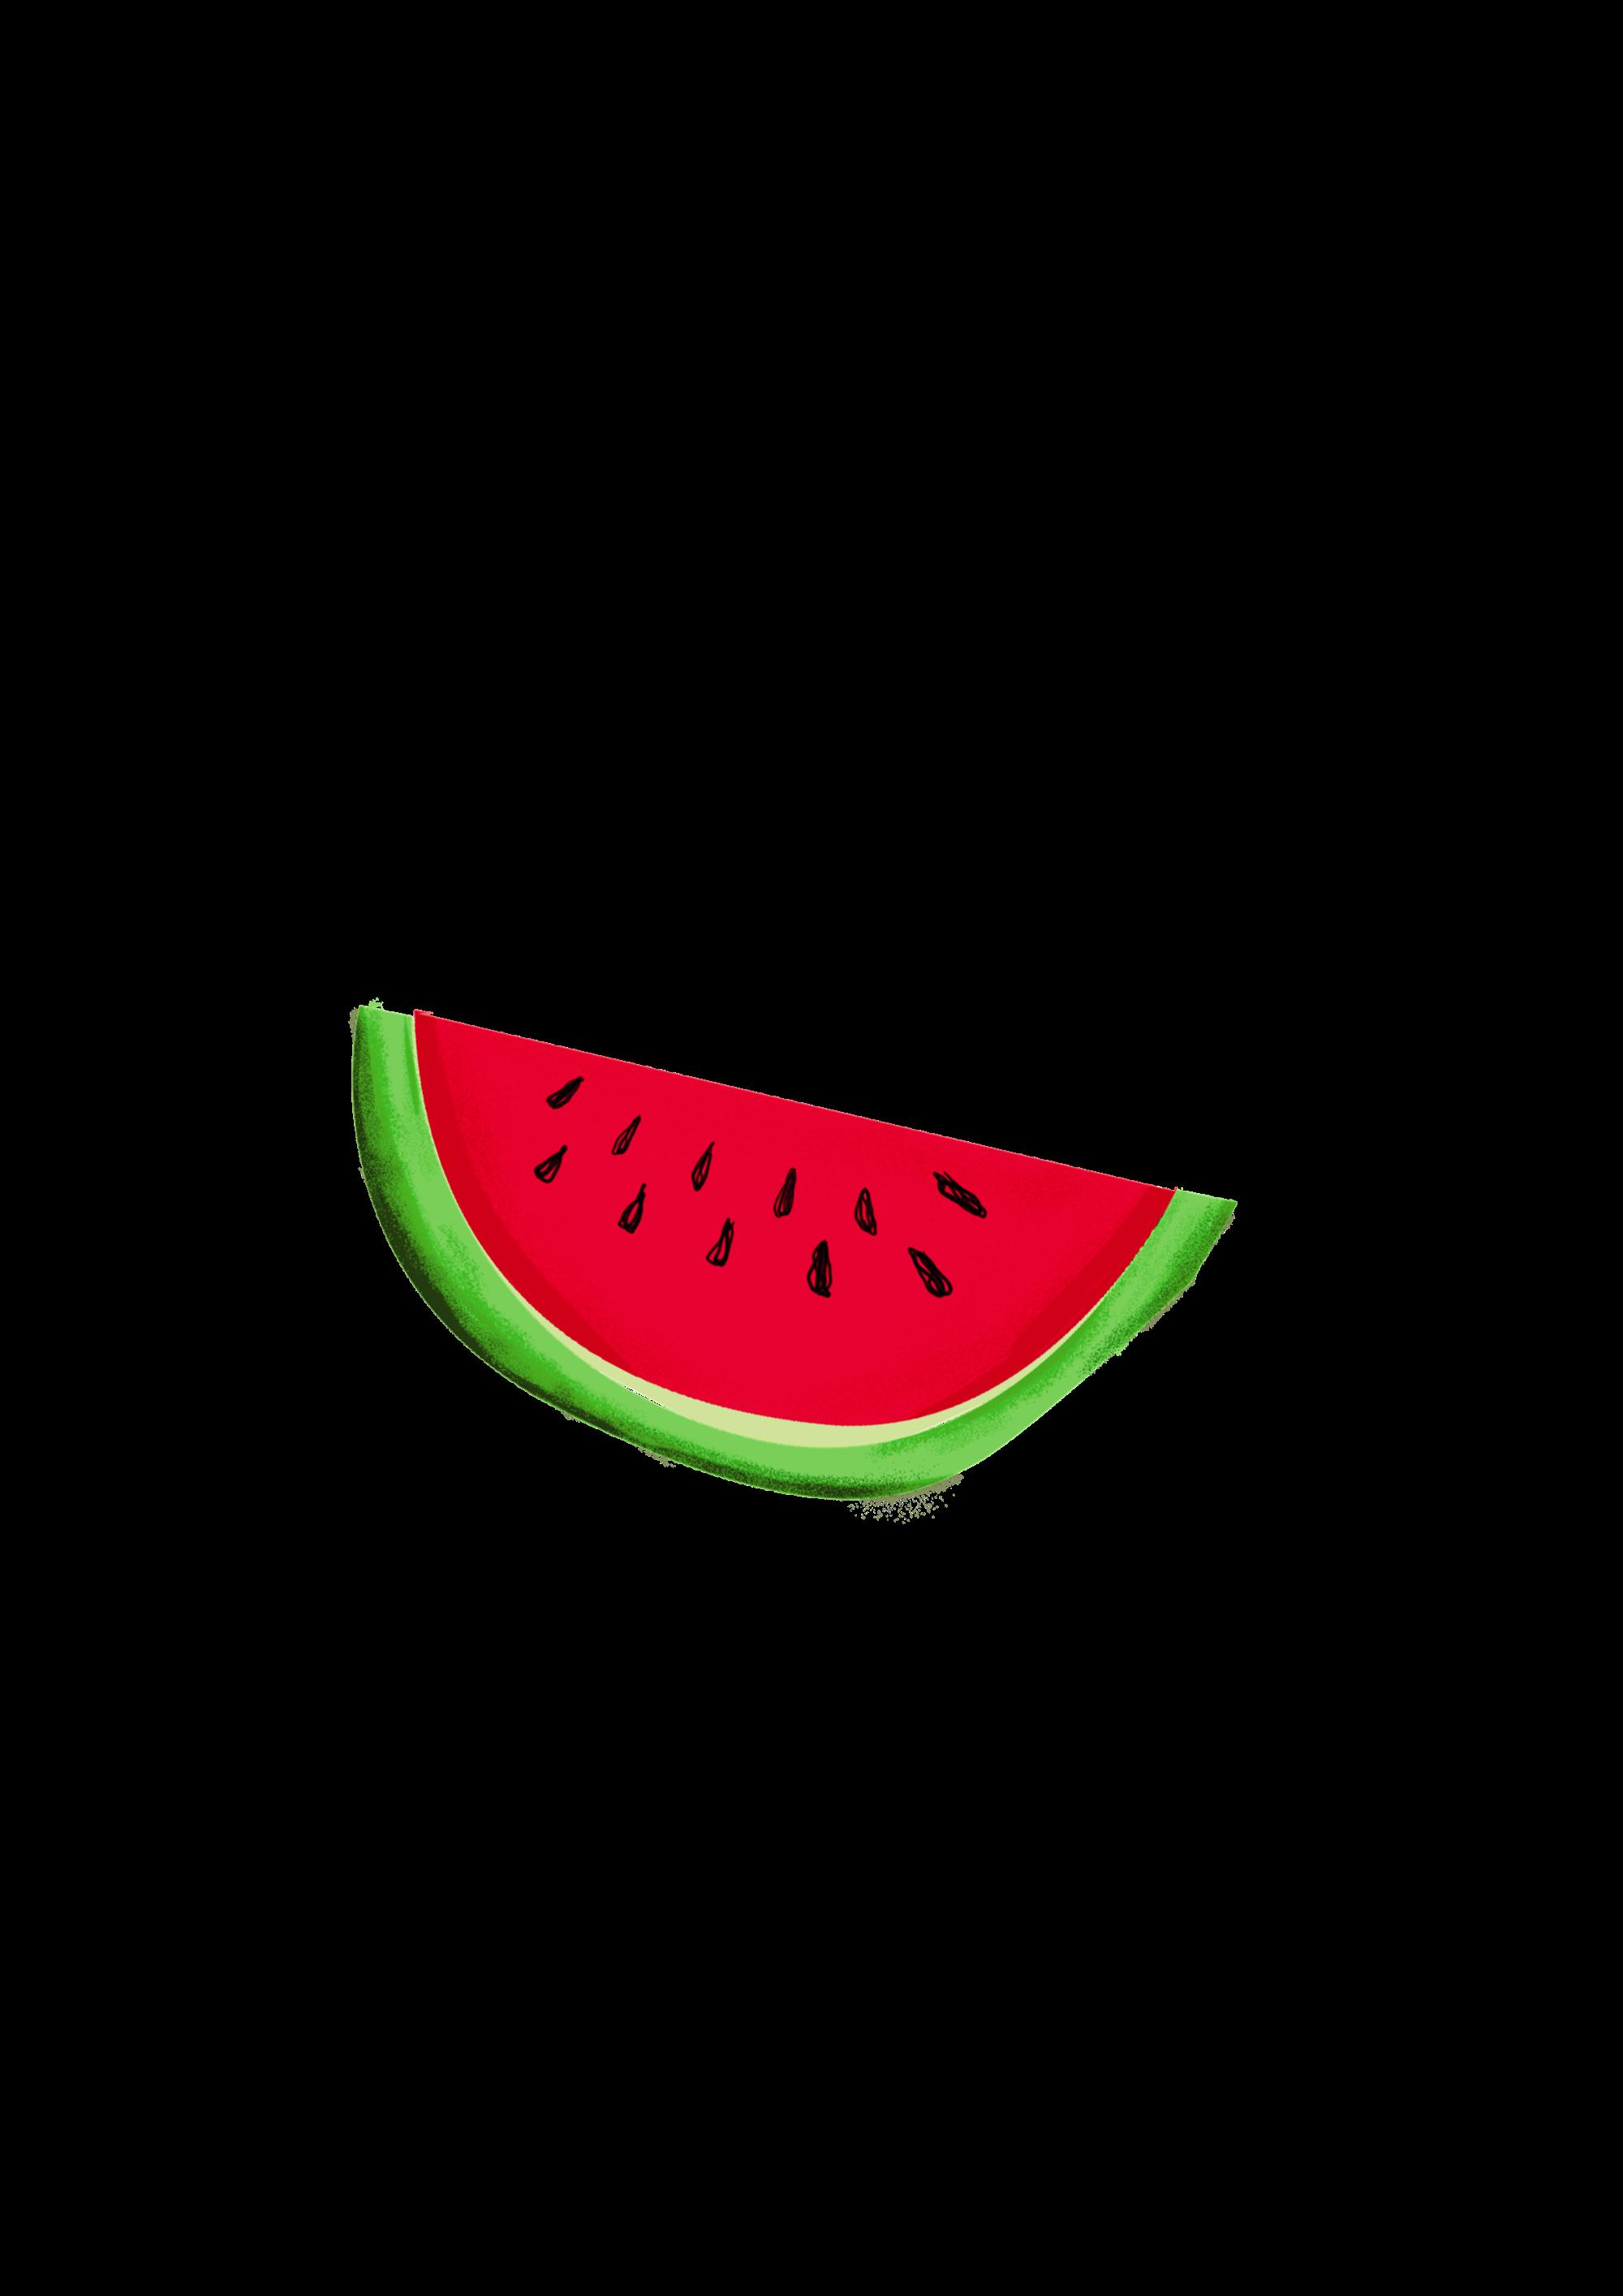 Inkess. Watermelon clipart minimal